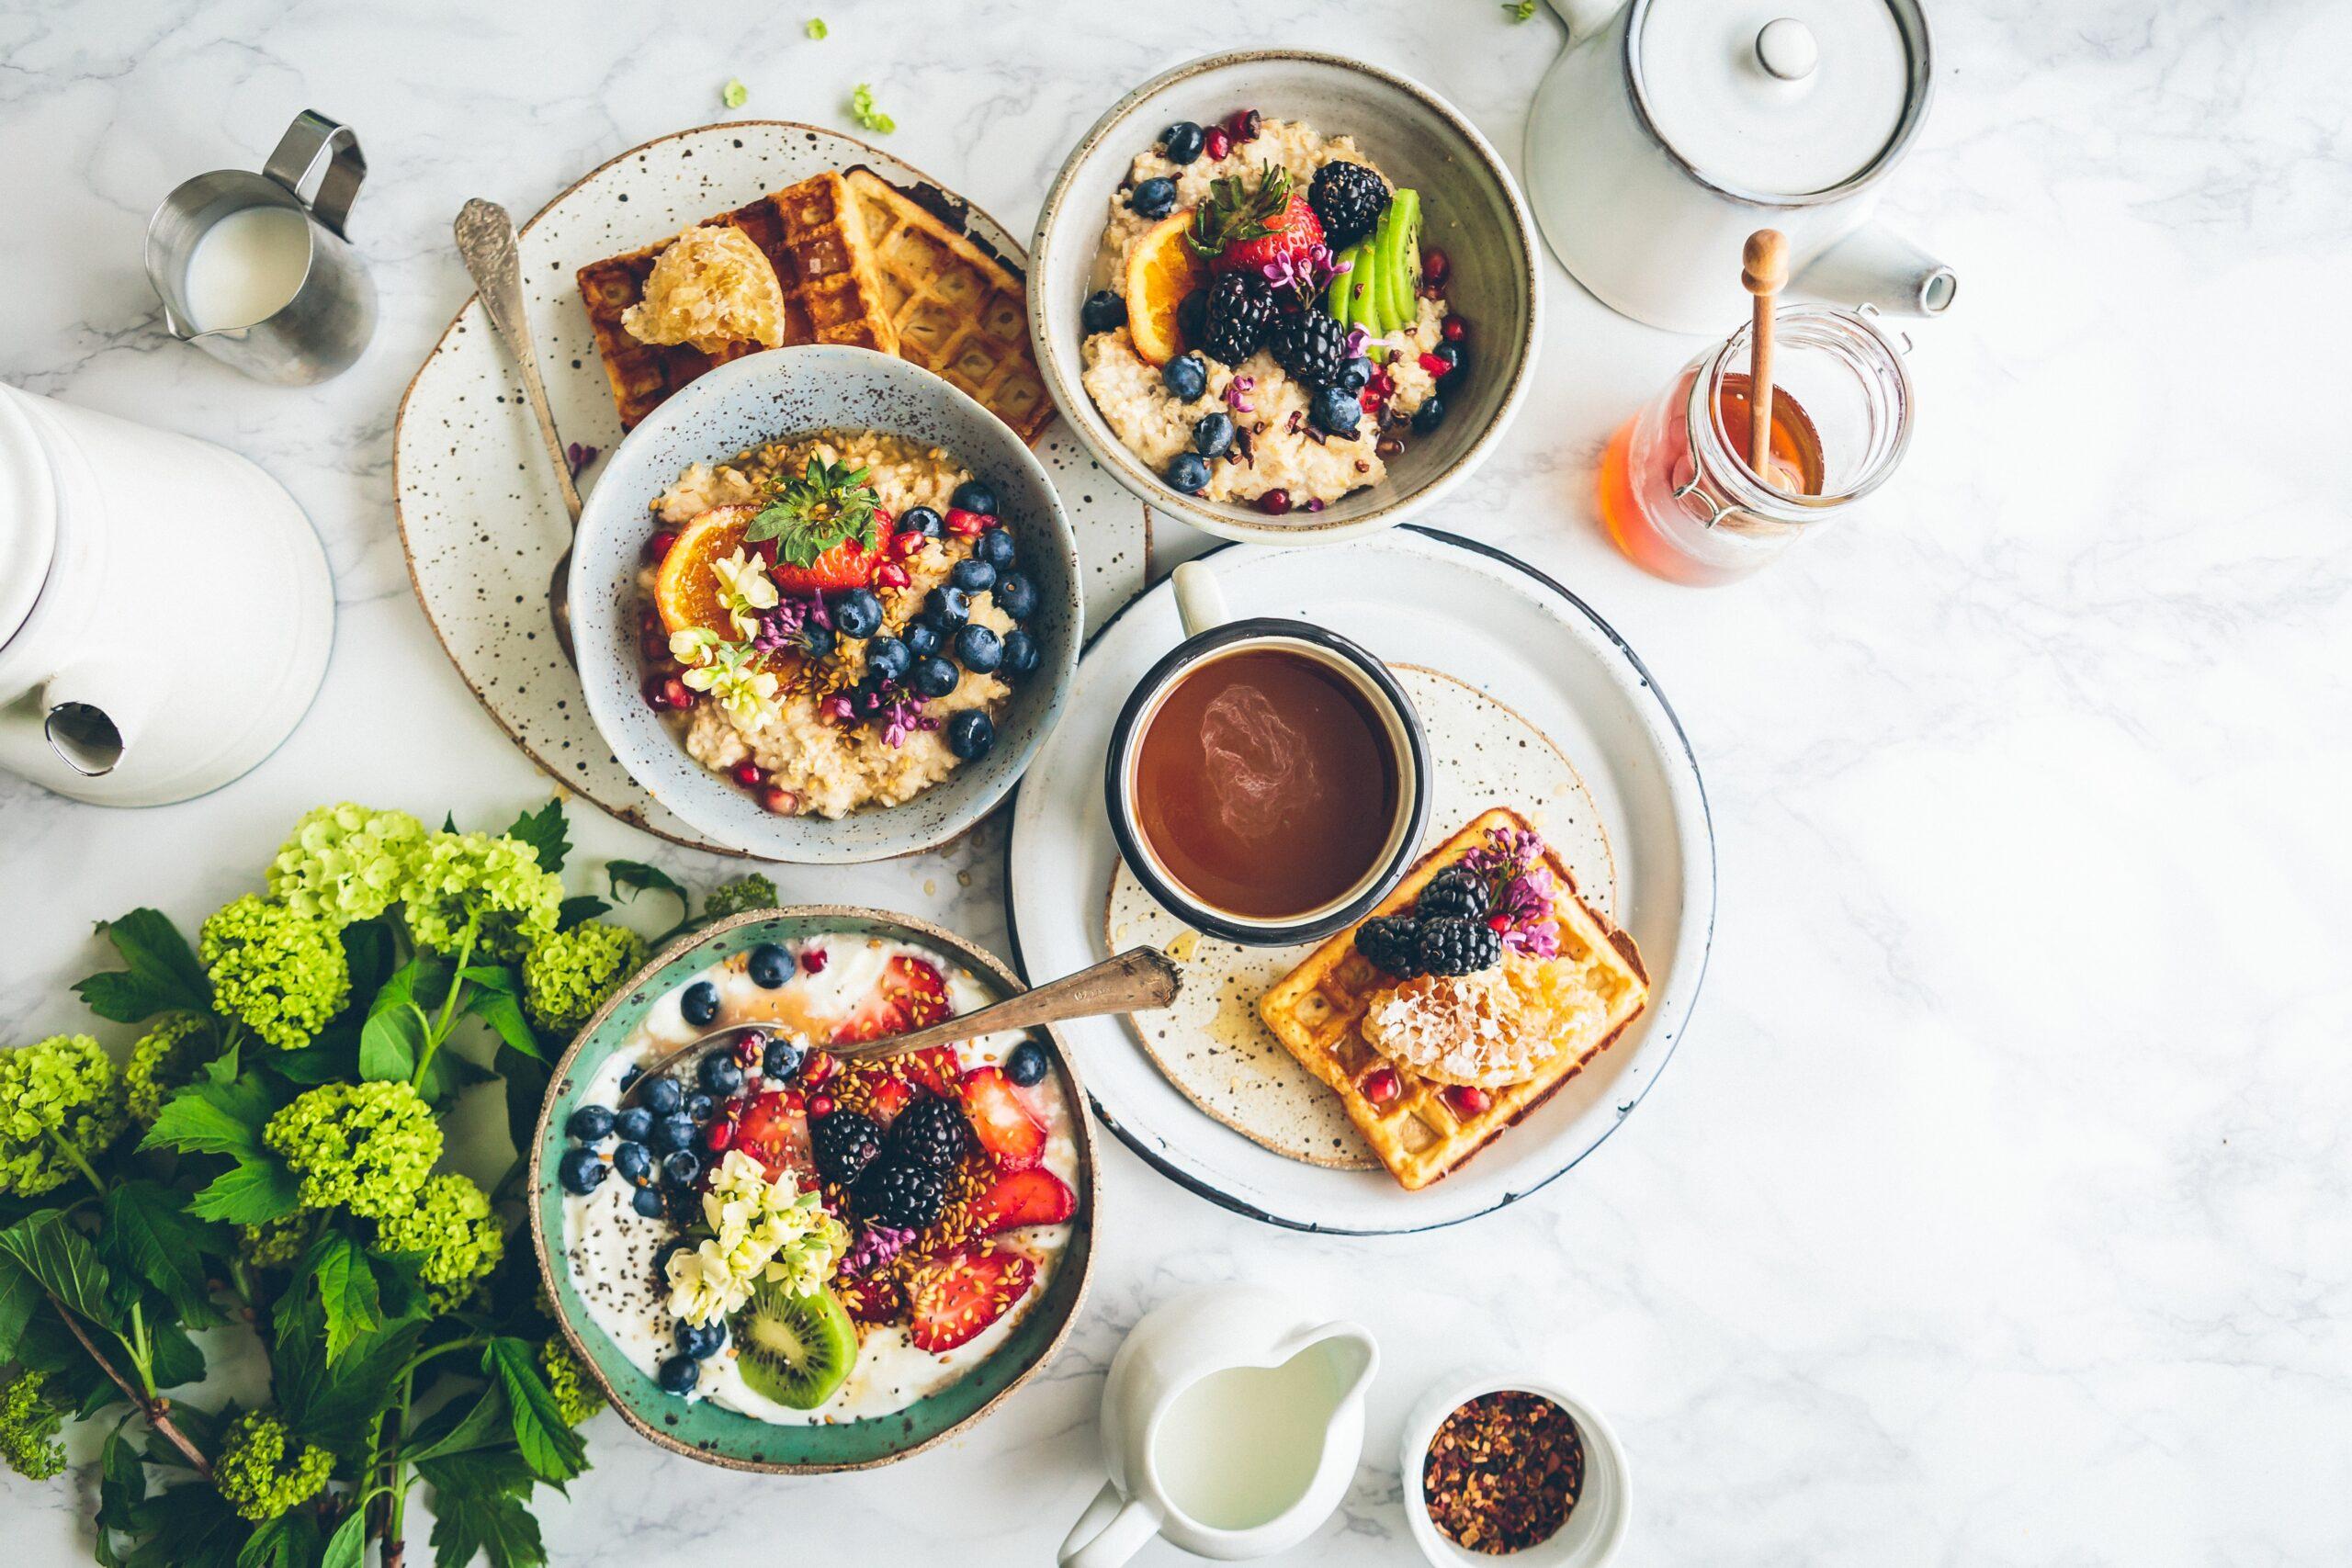 Zdrowe śniadanie, fot. unsplash.com